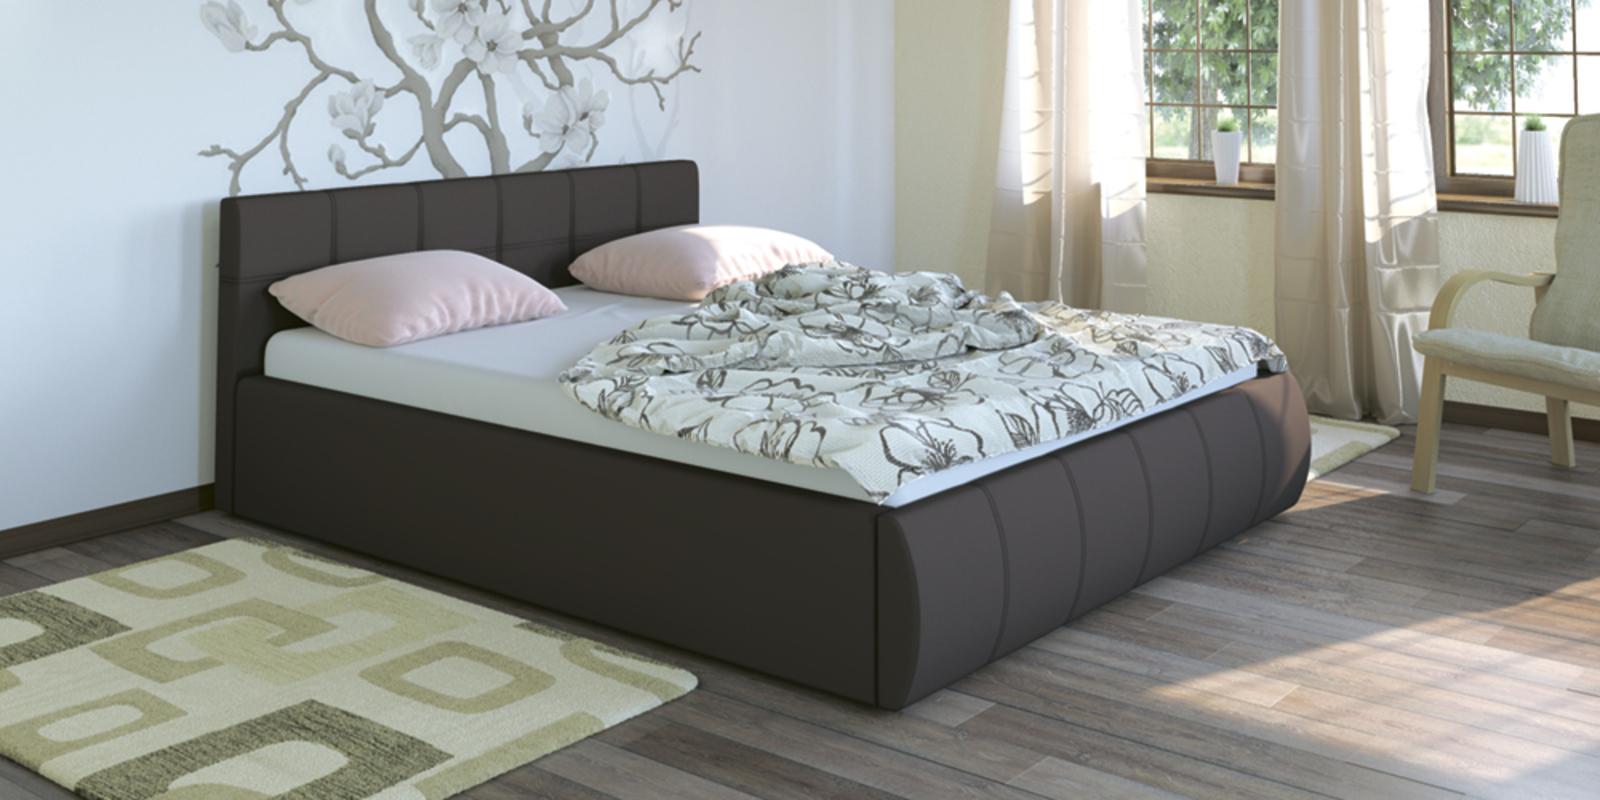 Кровать мягкая Афина с подъемным механизмом (Коричневый)